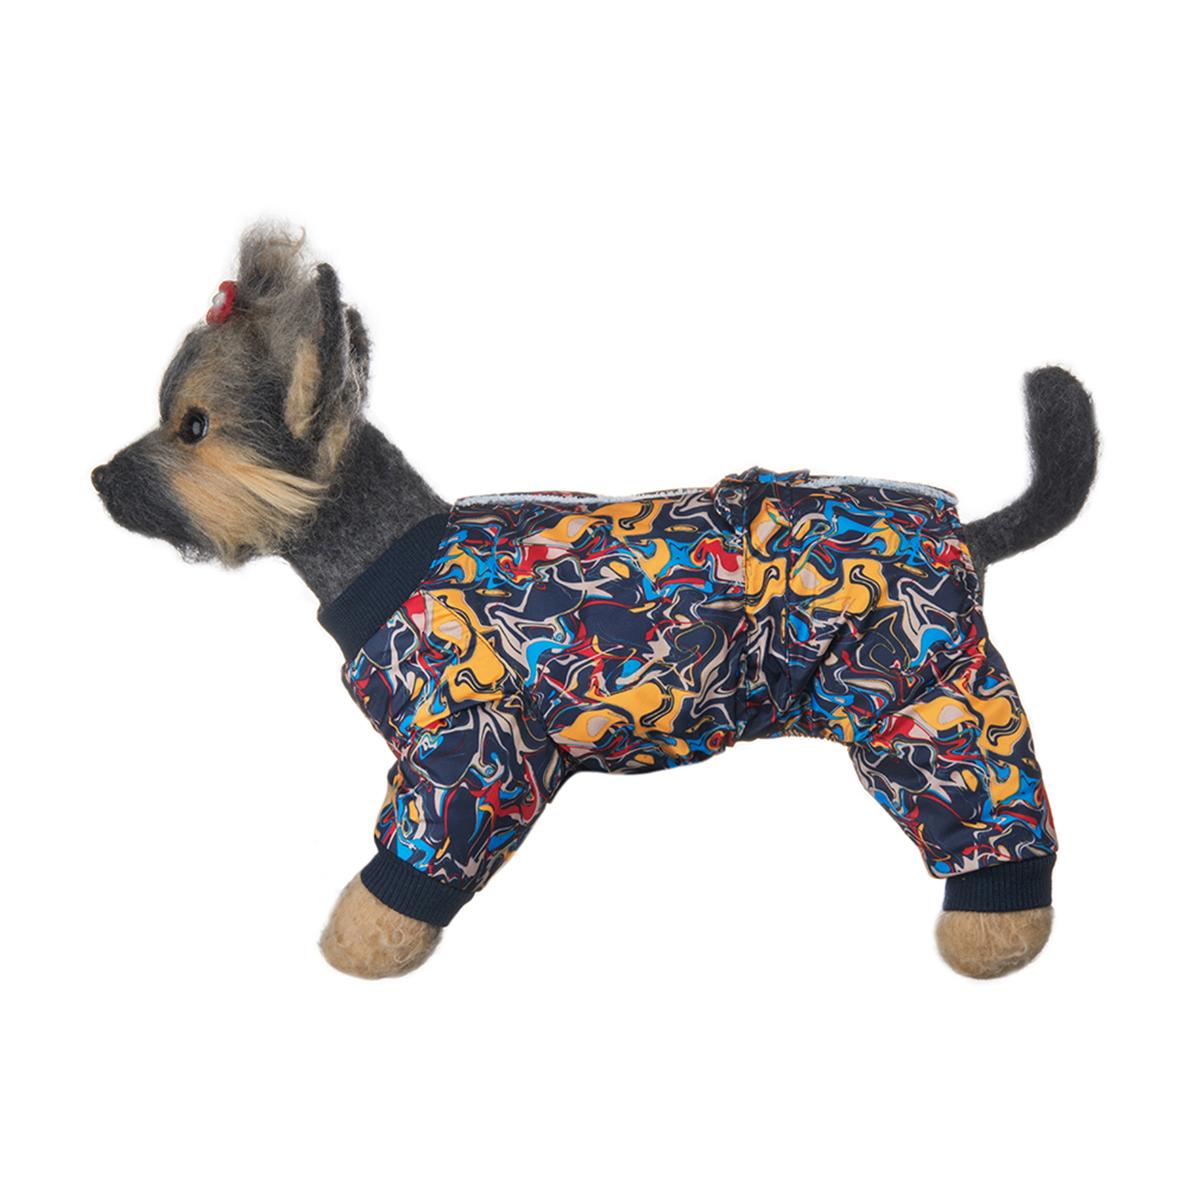 Комбинезон для собак Dogmoda Лаки, зимний, для мальчика, цвет: синий, желтый, красный. Размер 1 (S) комбинезоны для животных dogmoda комбинезон doggs active 70 сука